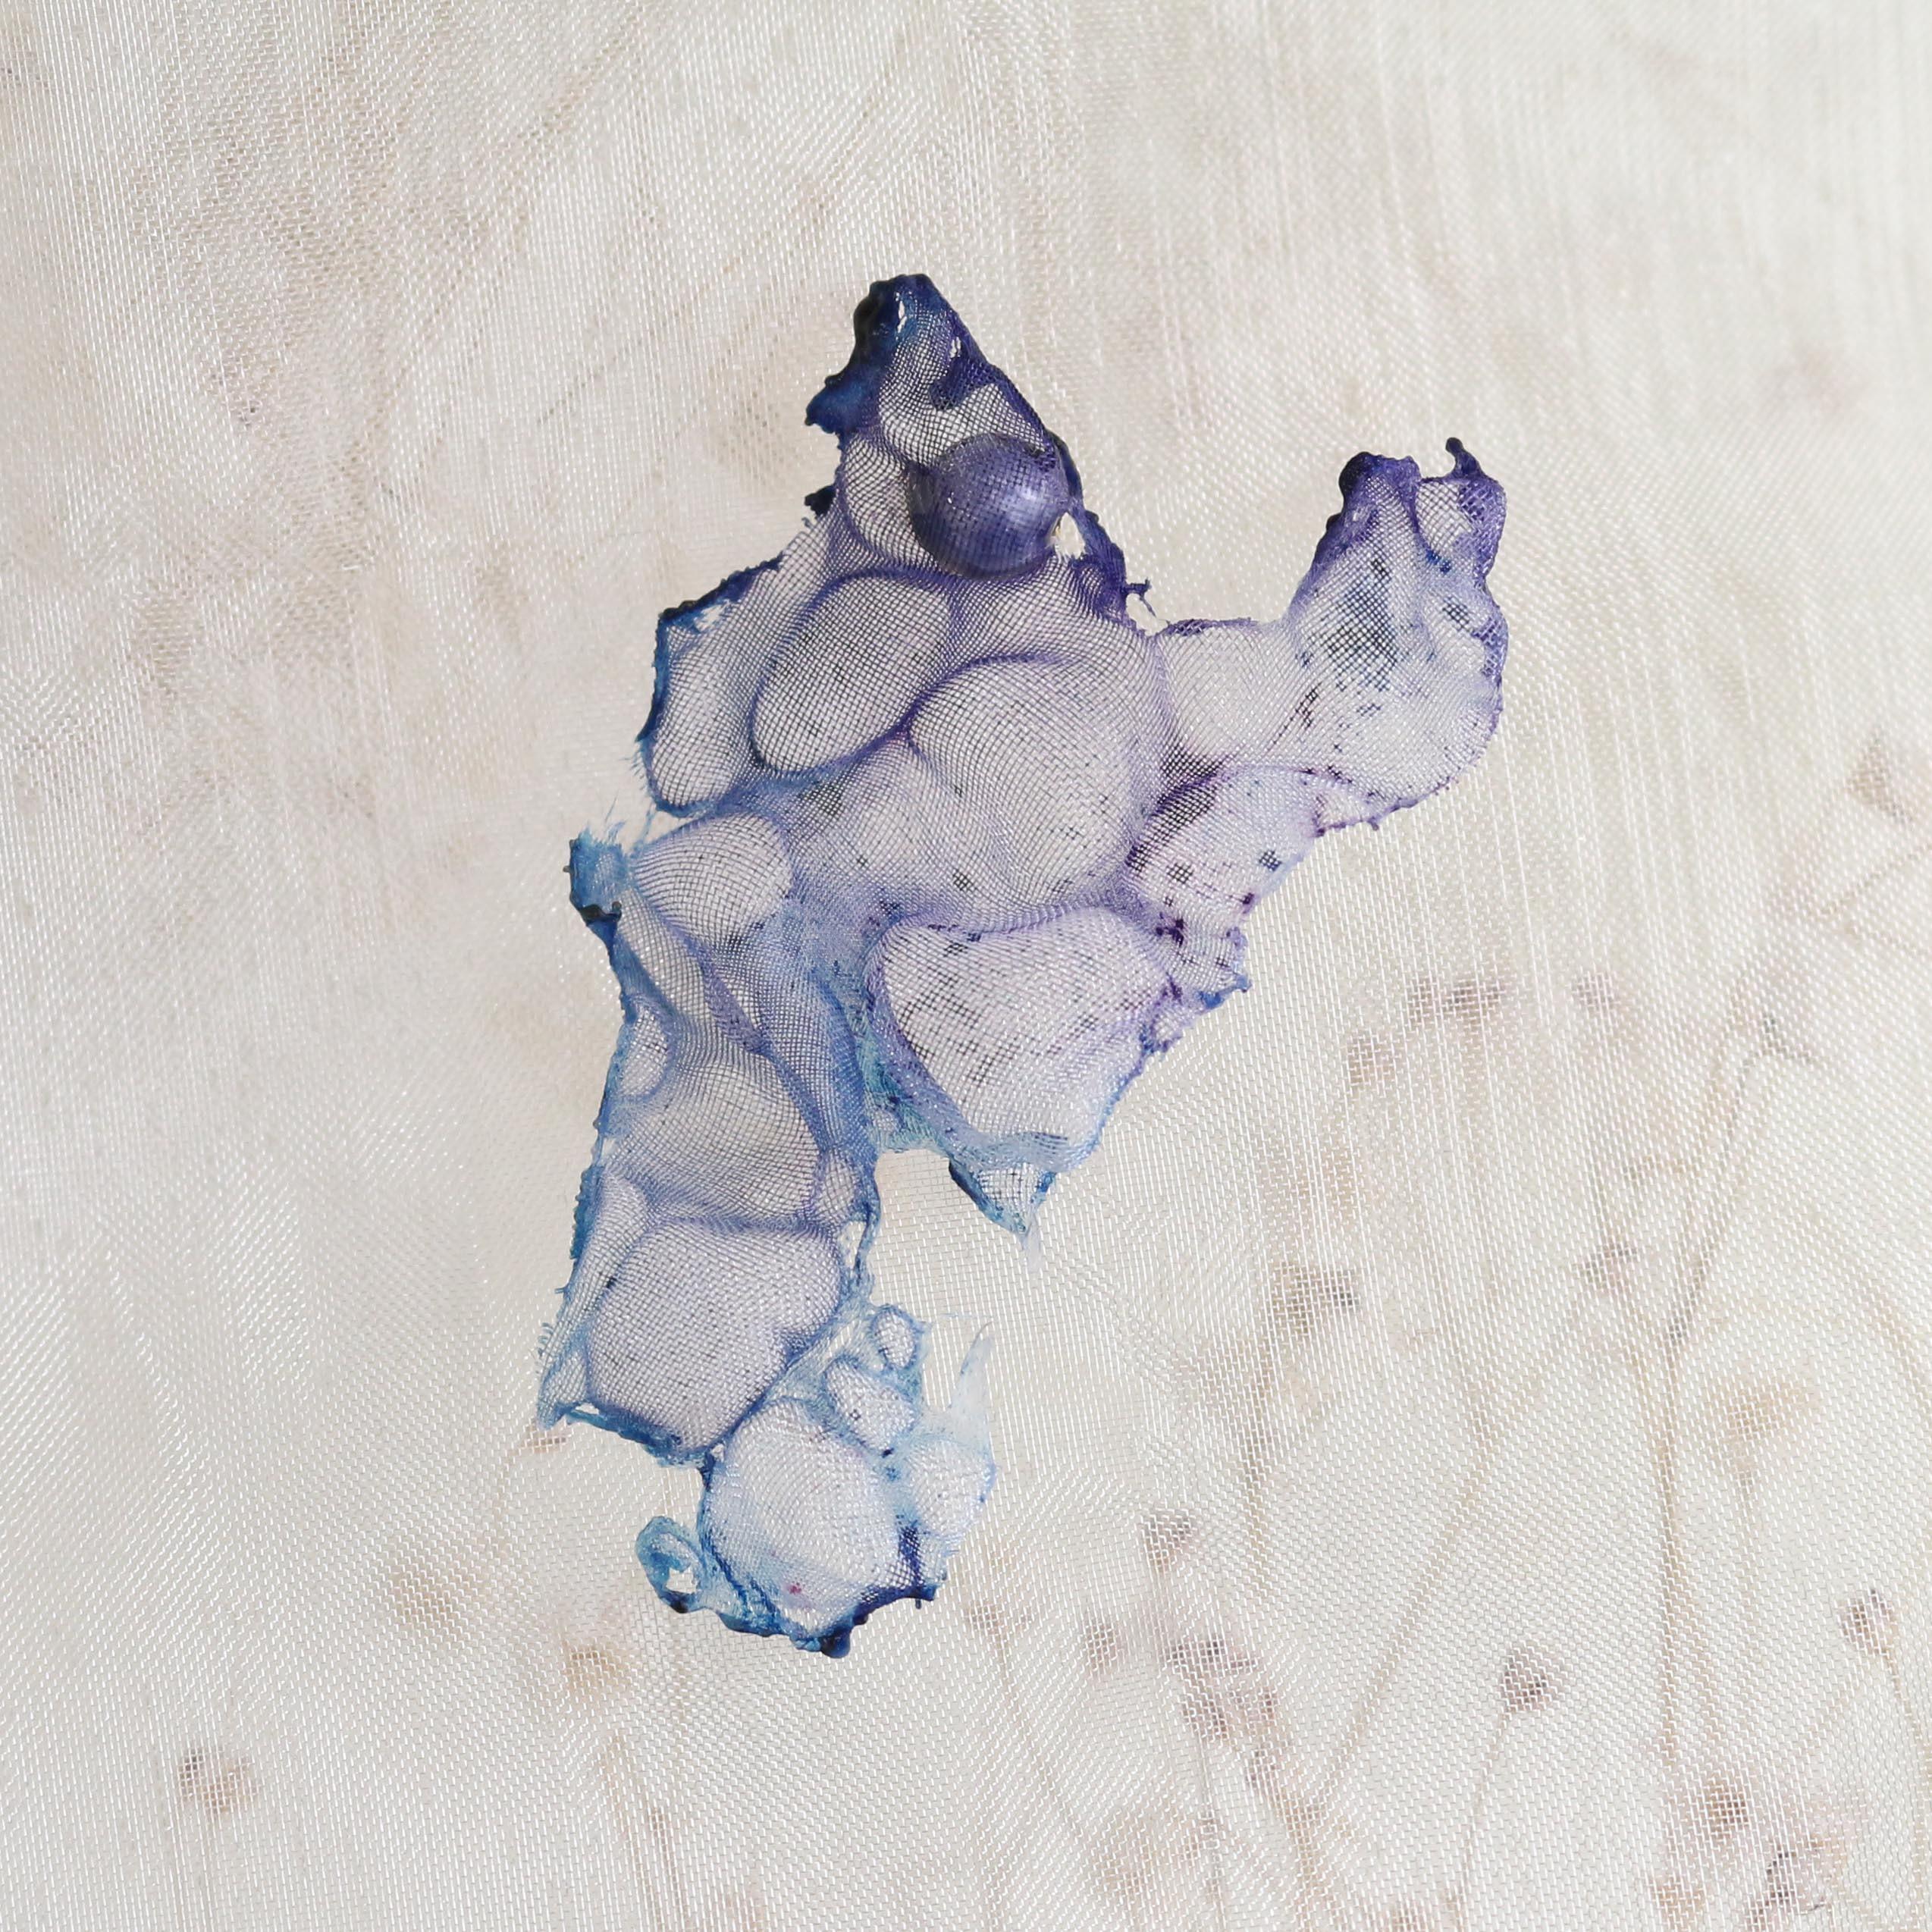 染めオーガンジーのアートピアス|薄すみれ色